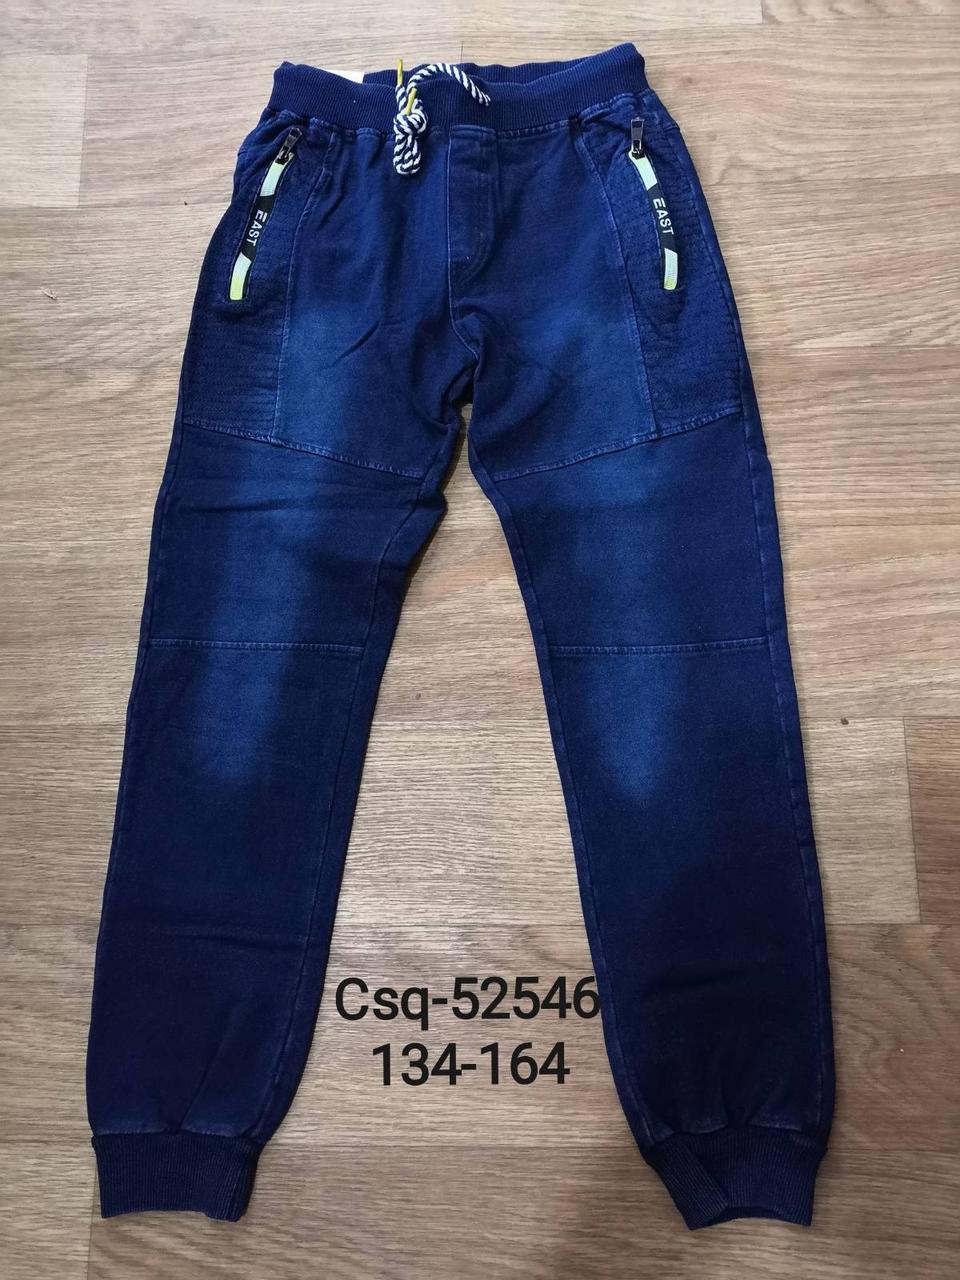 Штаны под джинс с микроначёсом для мальчиков оптом, Seagull, размеры 134-164,  арт. CSQ-52546